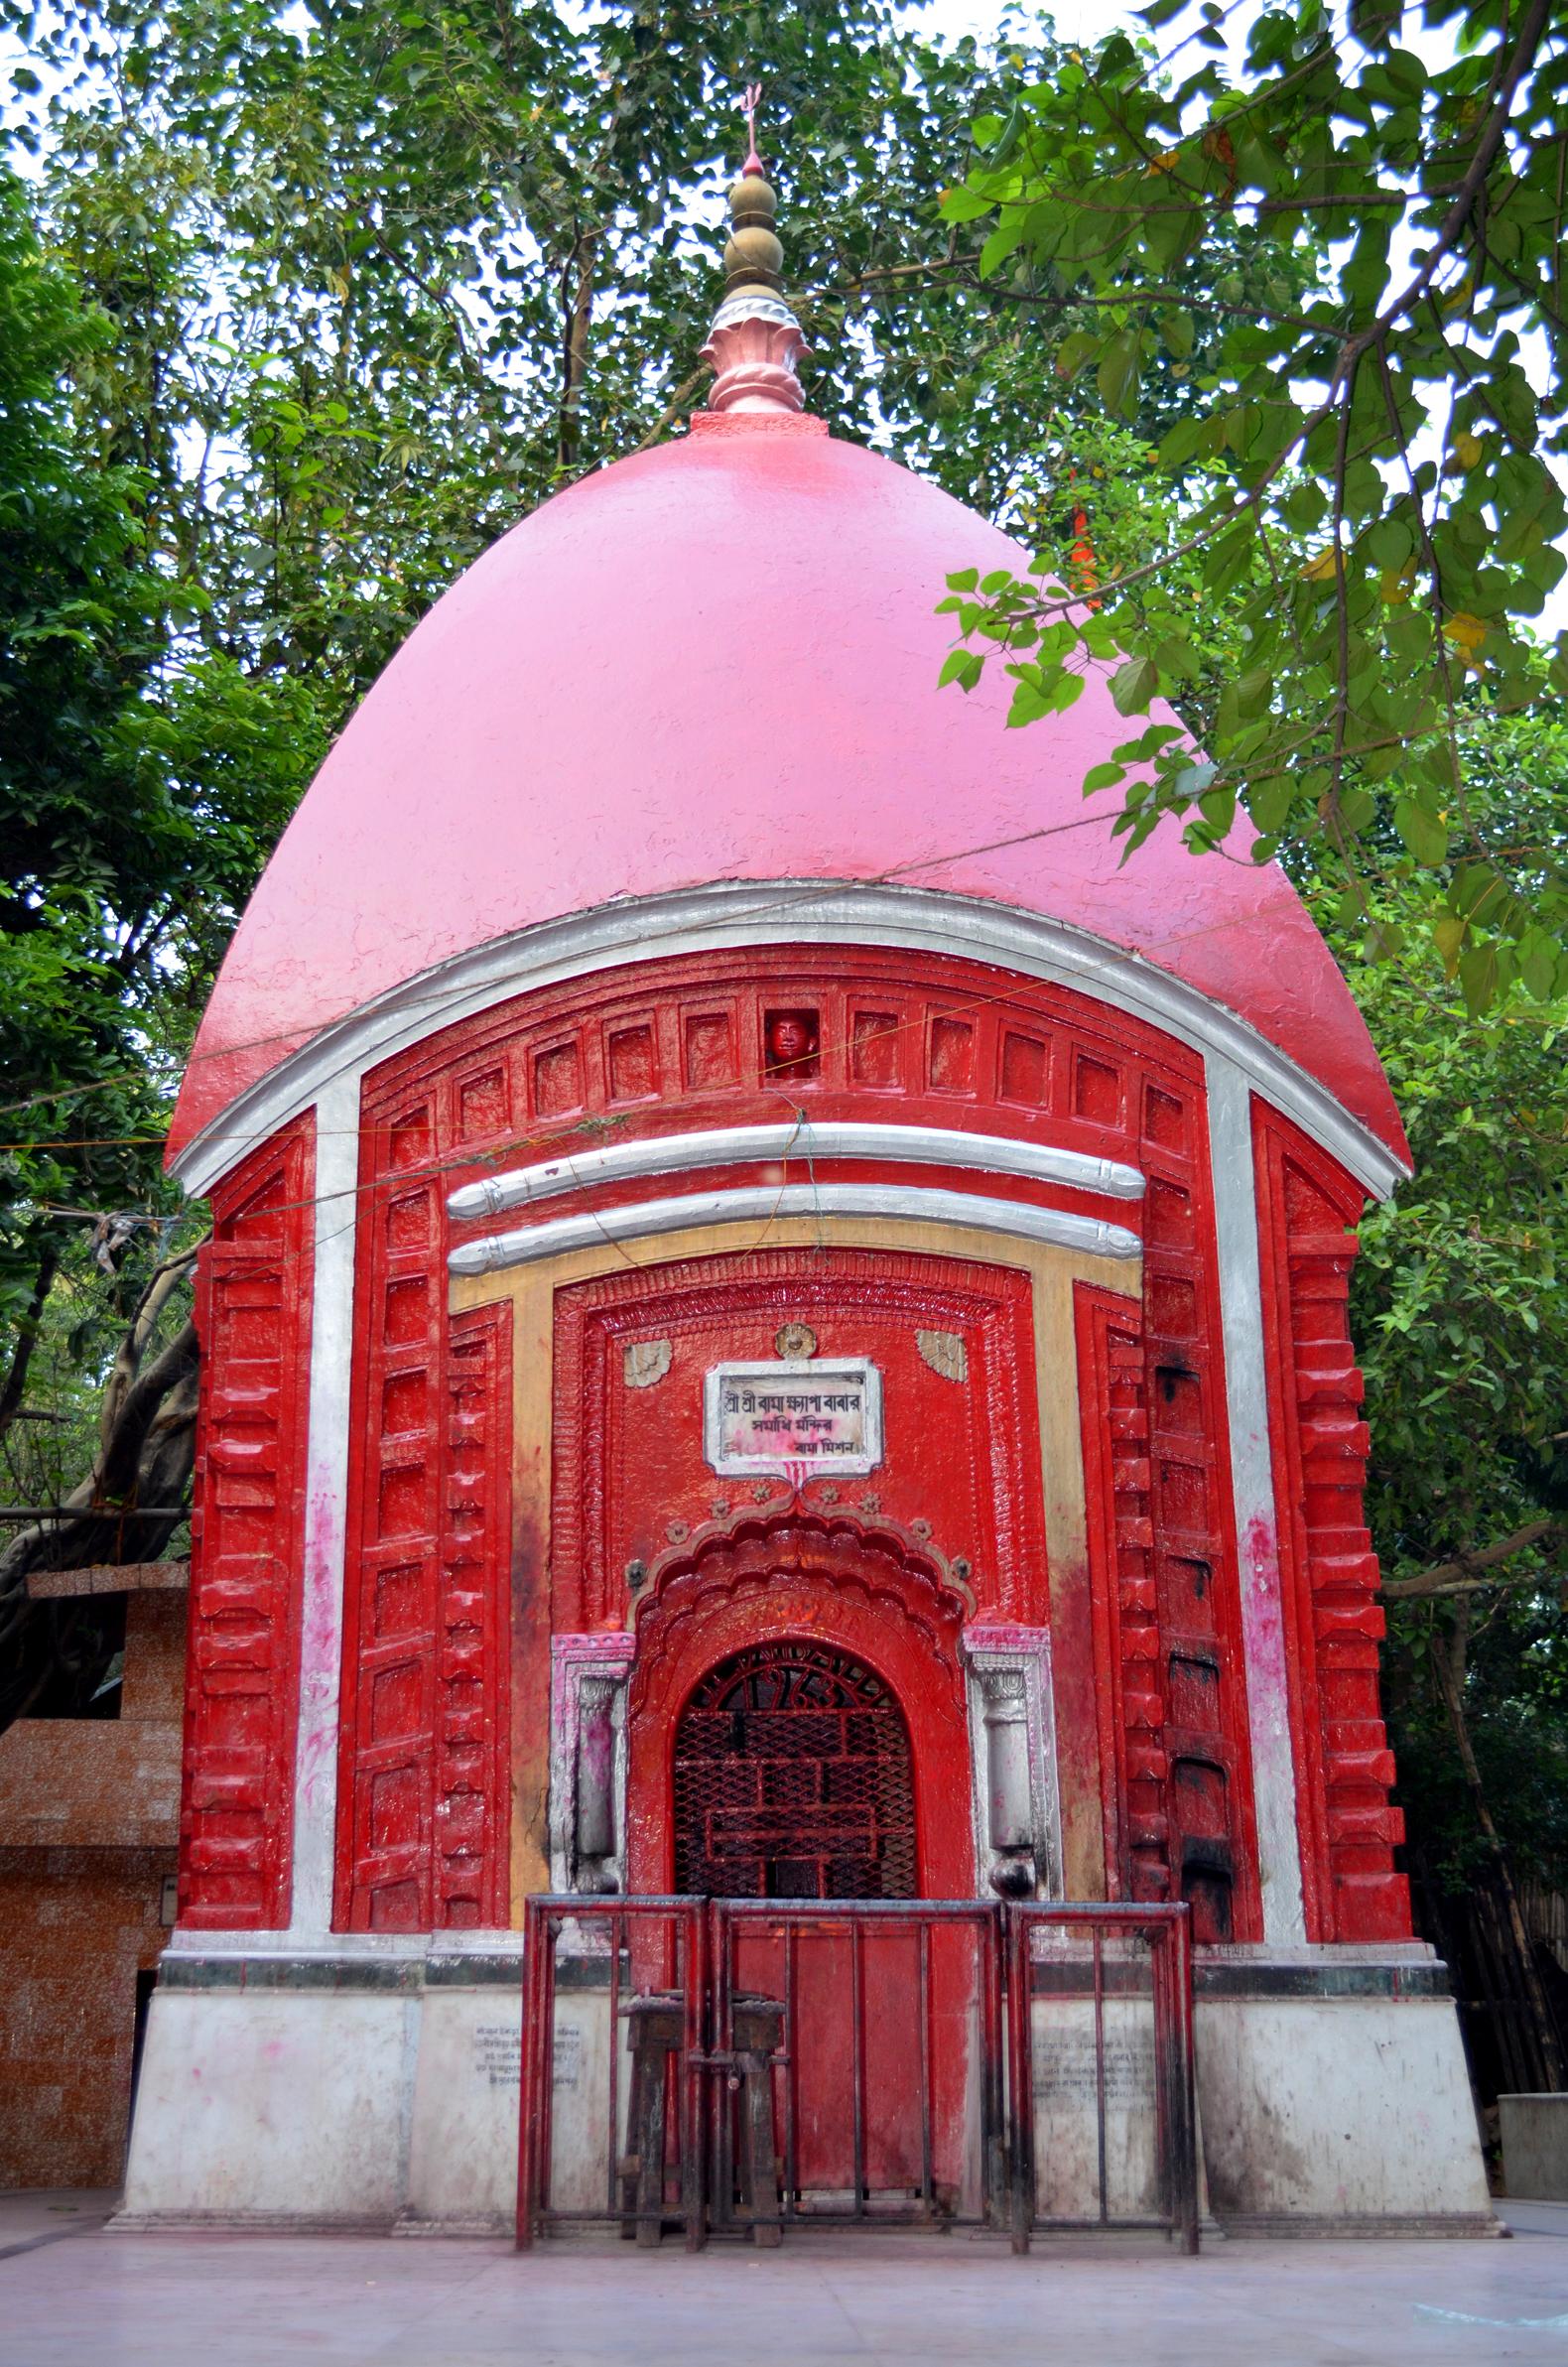 Bamakhepa Samadhi in Tarapith Mahasmashana